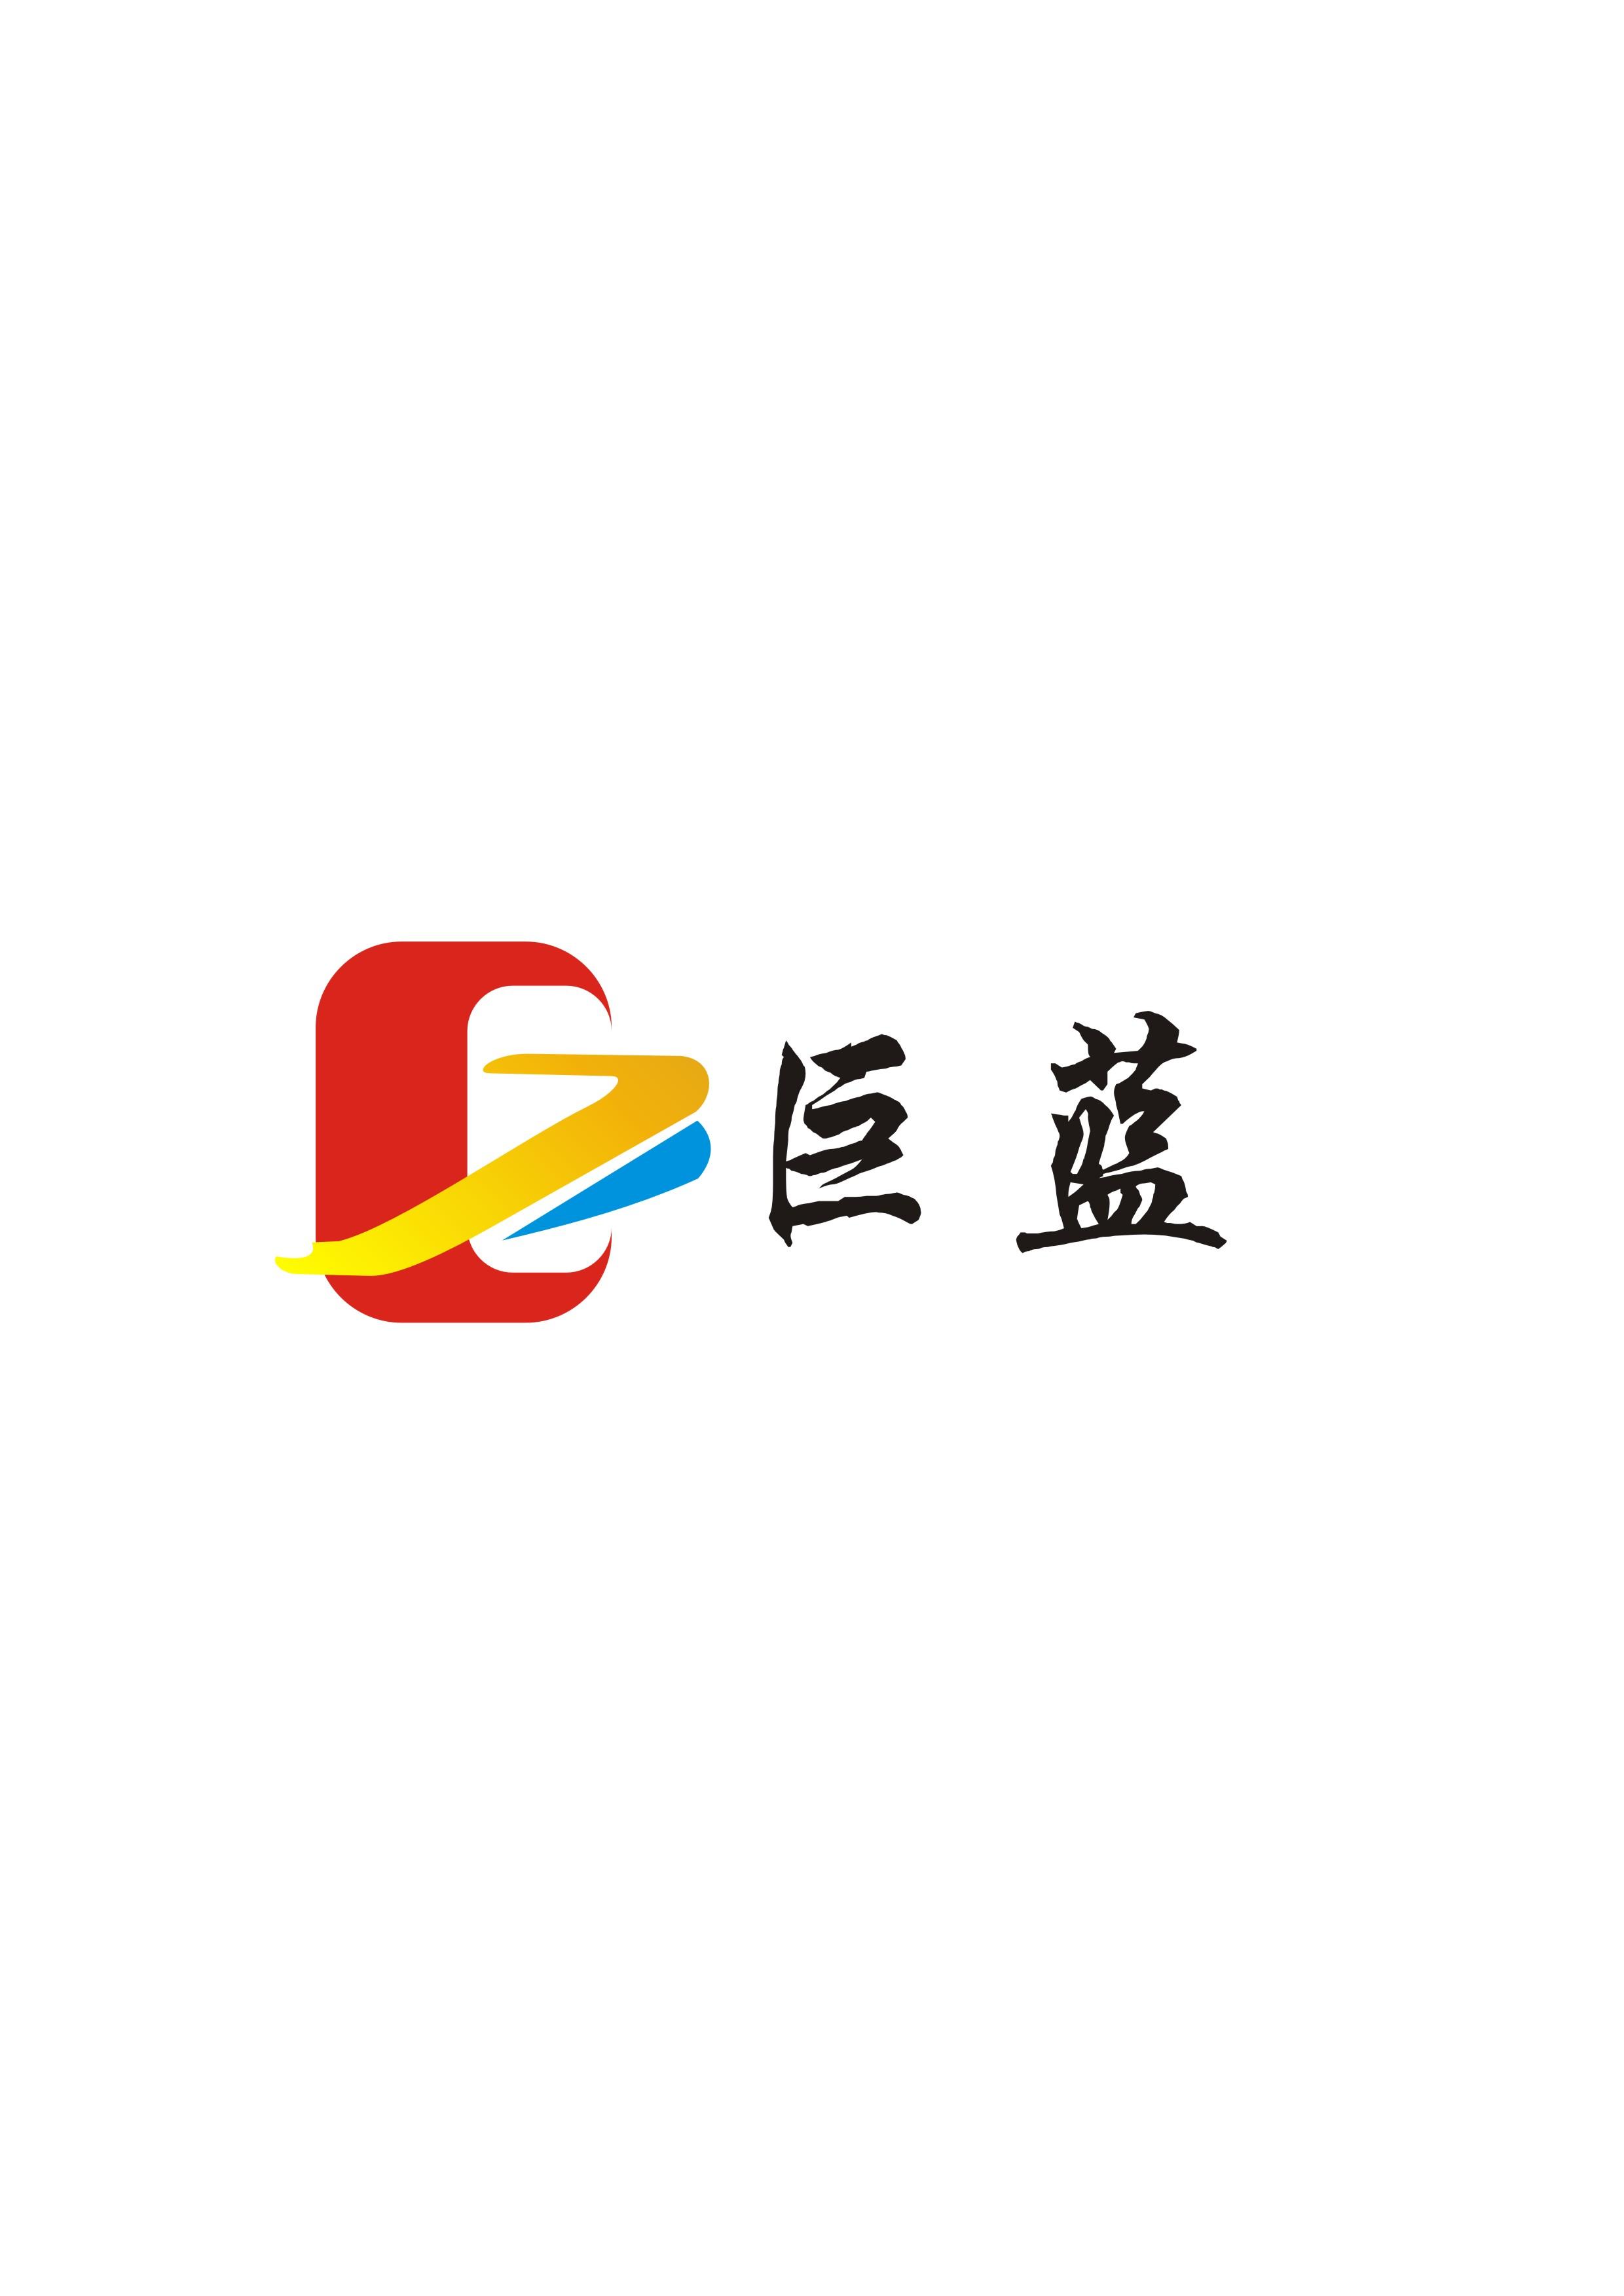 台州银行logo矢量图